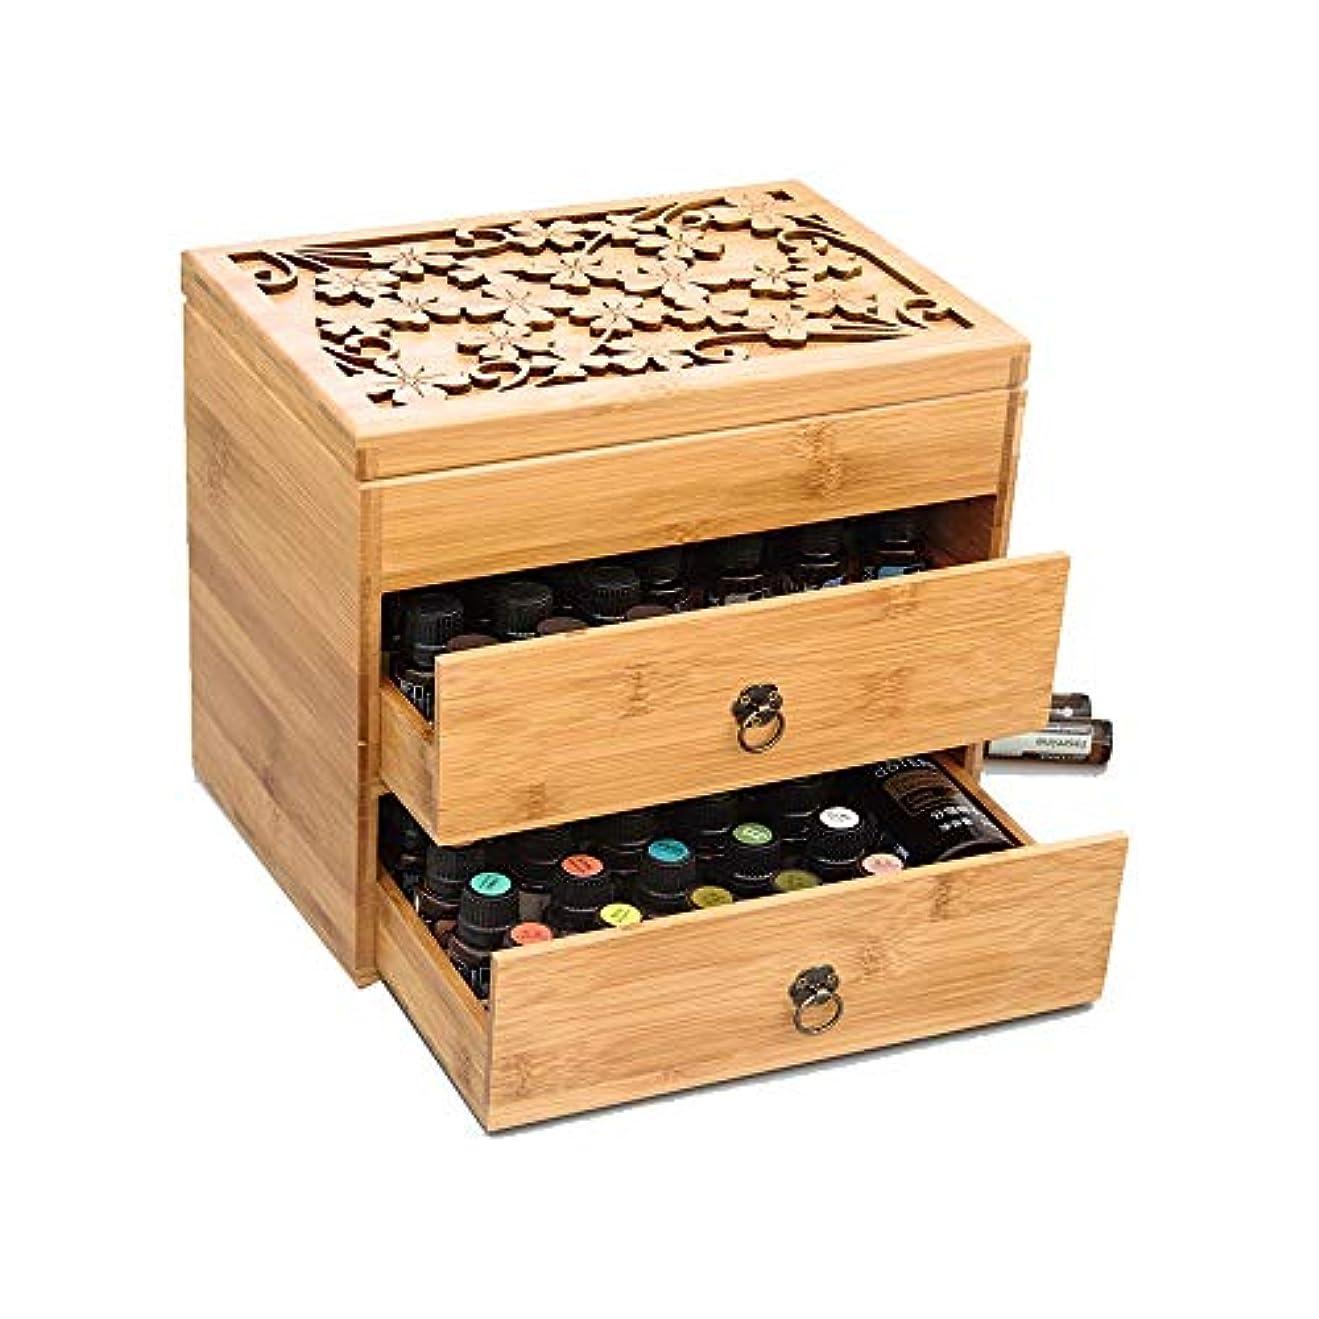 二次抽選メロドラマティック3ティアエッセンシャルオイルボックス木製収納ケースは、エレガントな装飾的なデザインでは5、10&15ミリリットルボトルを保護します アロマセラピー製品 (色 : Natural, サイズ : 26X18X24.5CM)